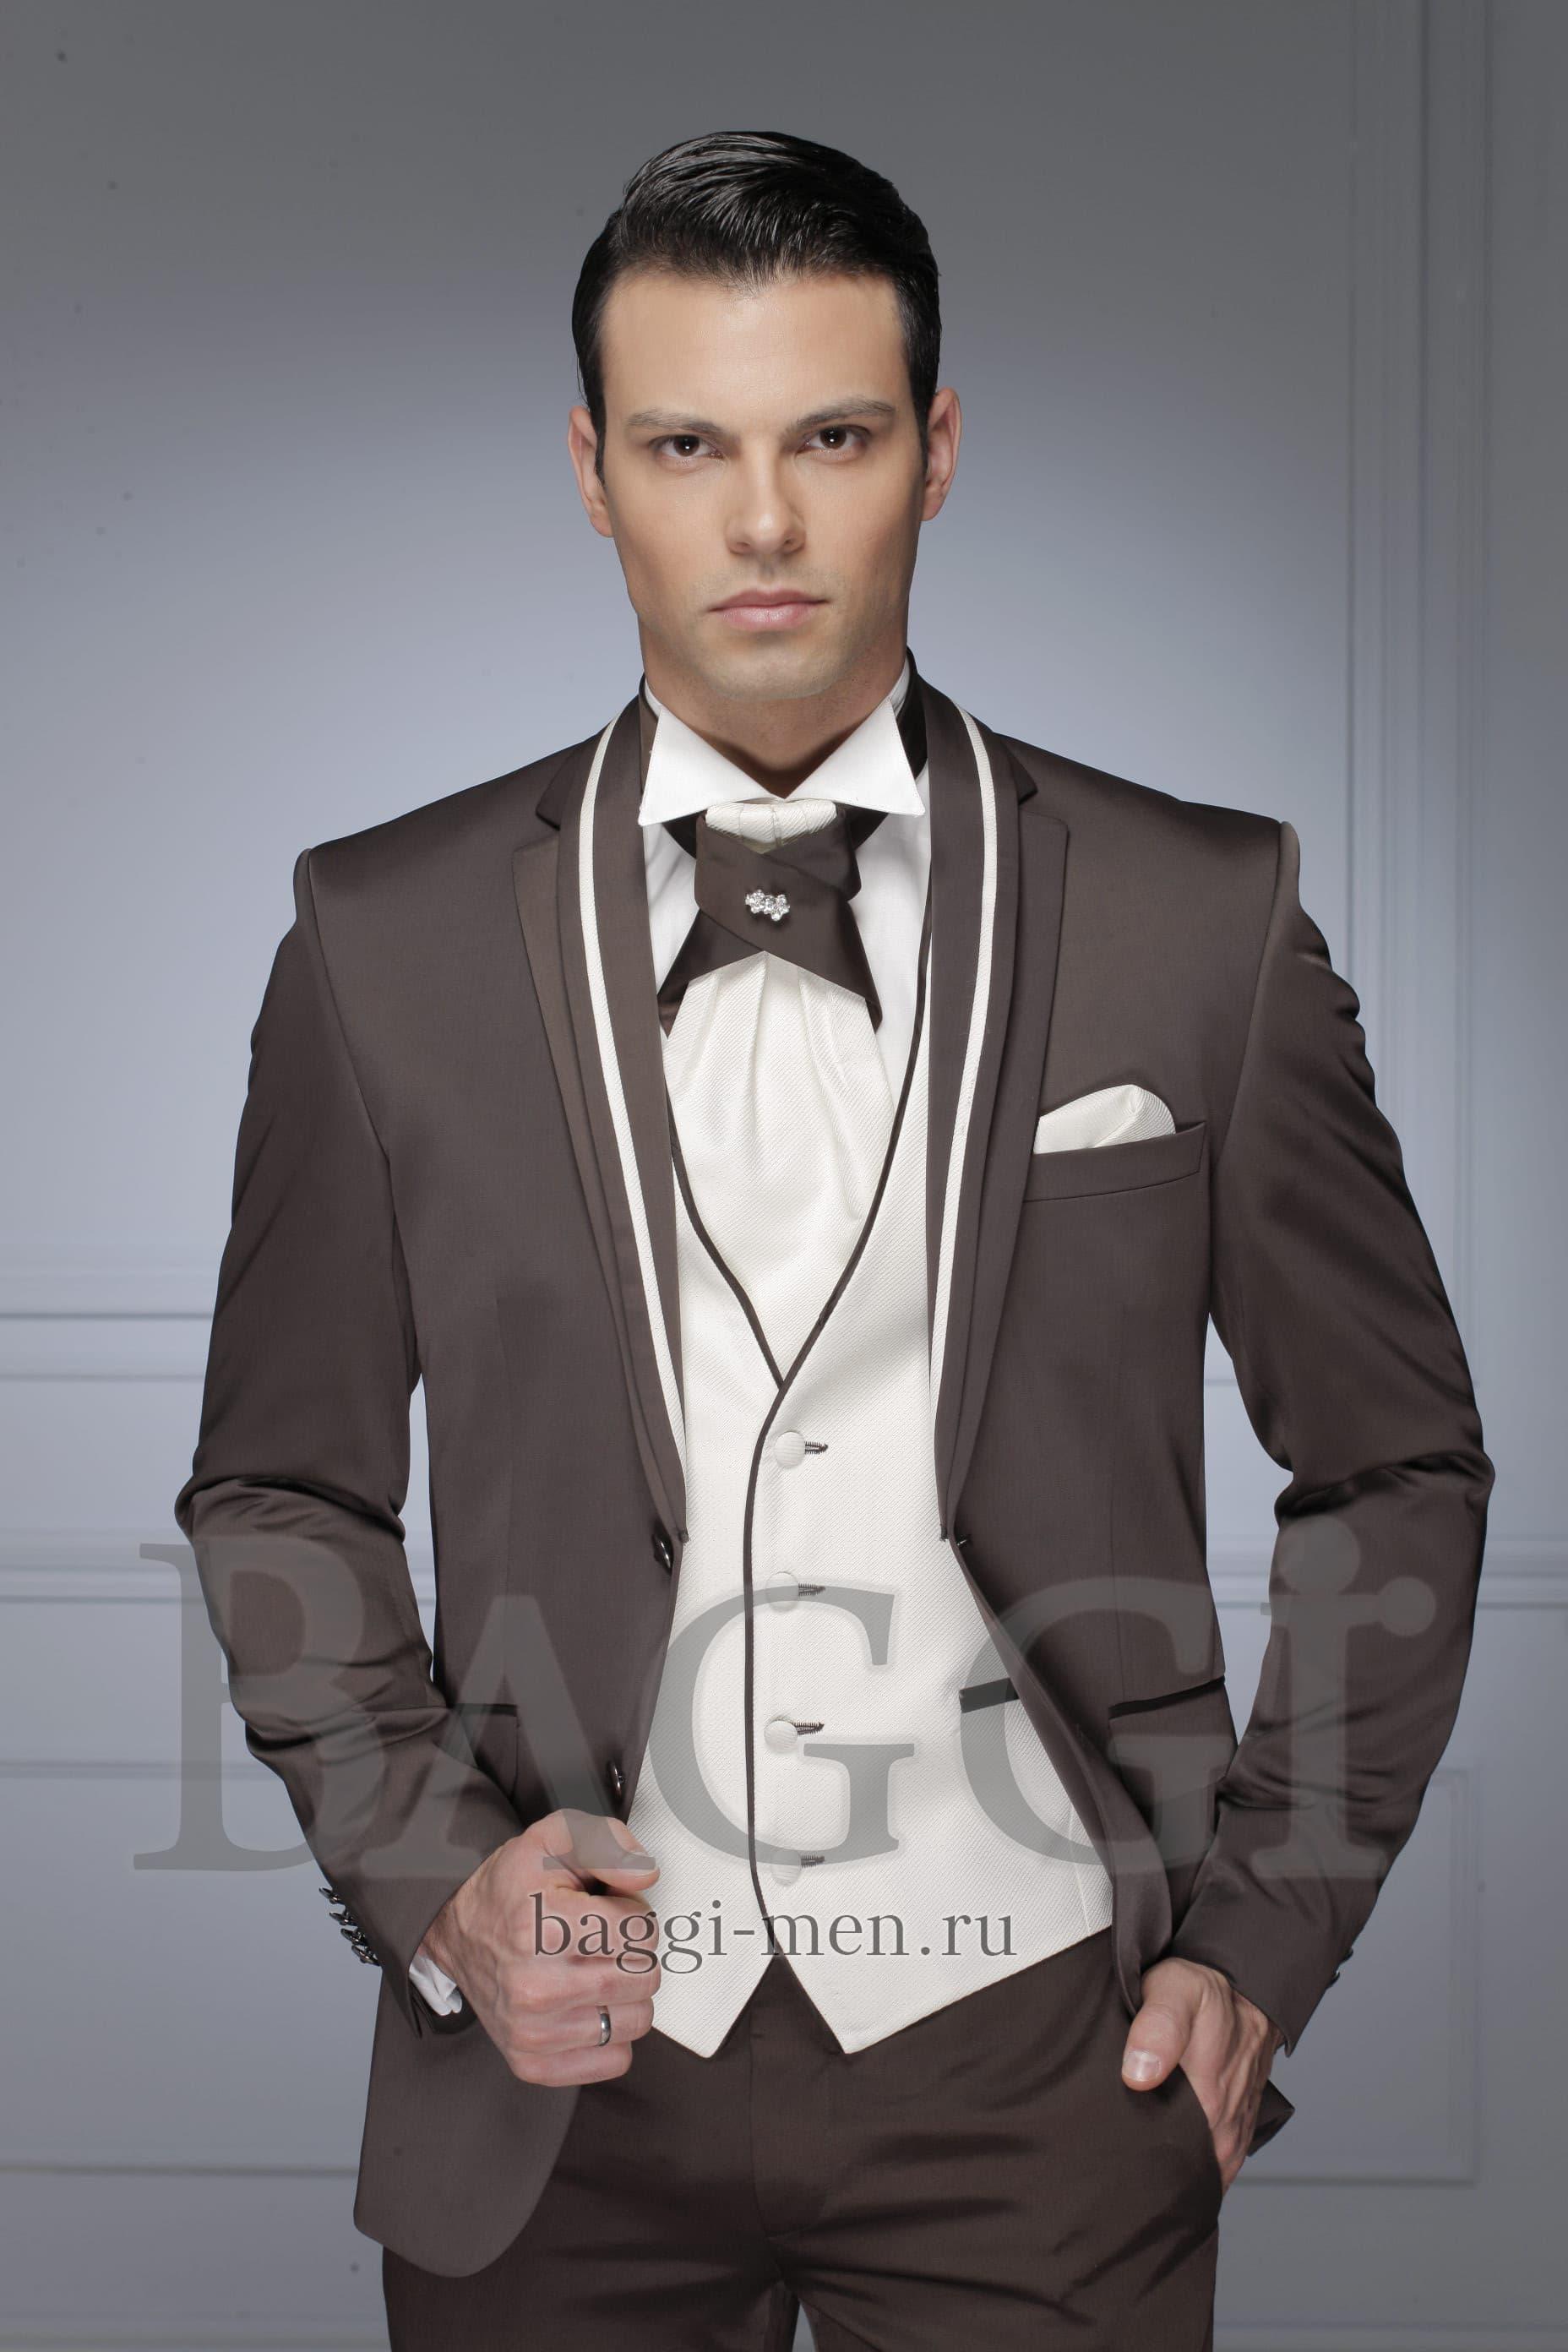 09868bdf0816b8d ▷▷Серо-коричневый свадебный костюм-тройка с однобортным пиджаком и брюками  прямого кроя